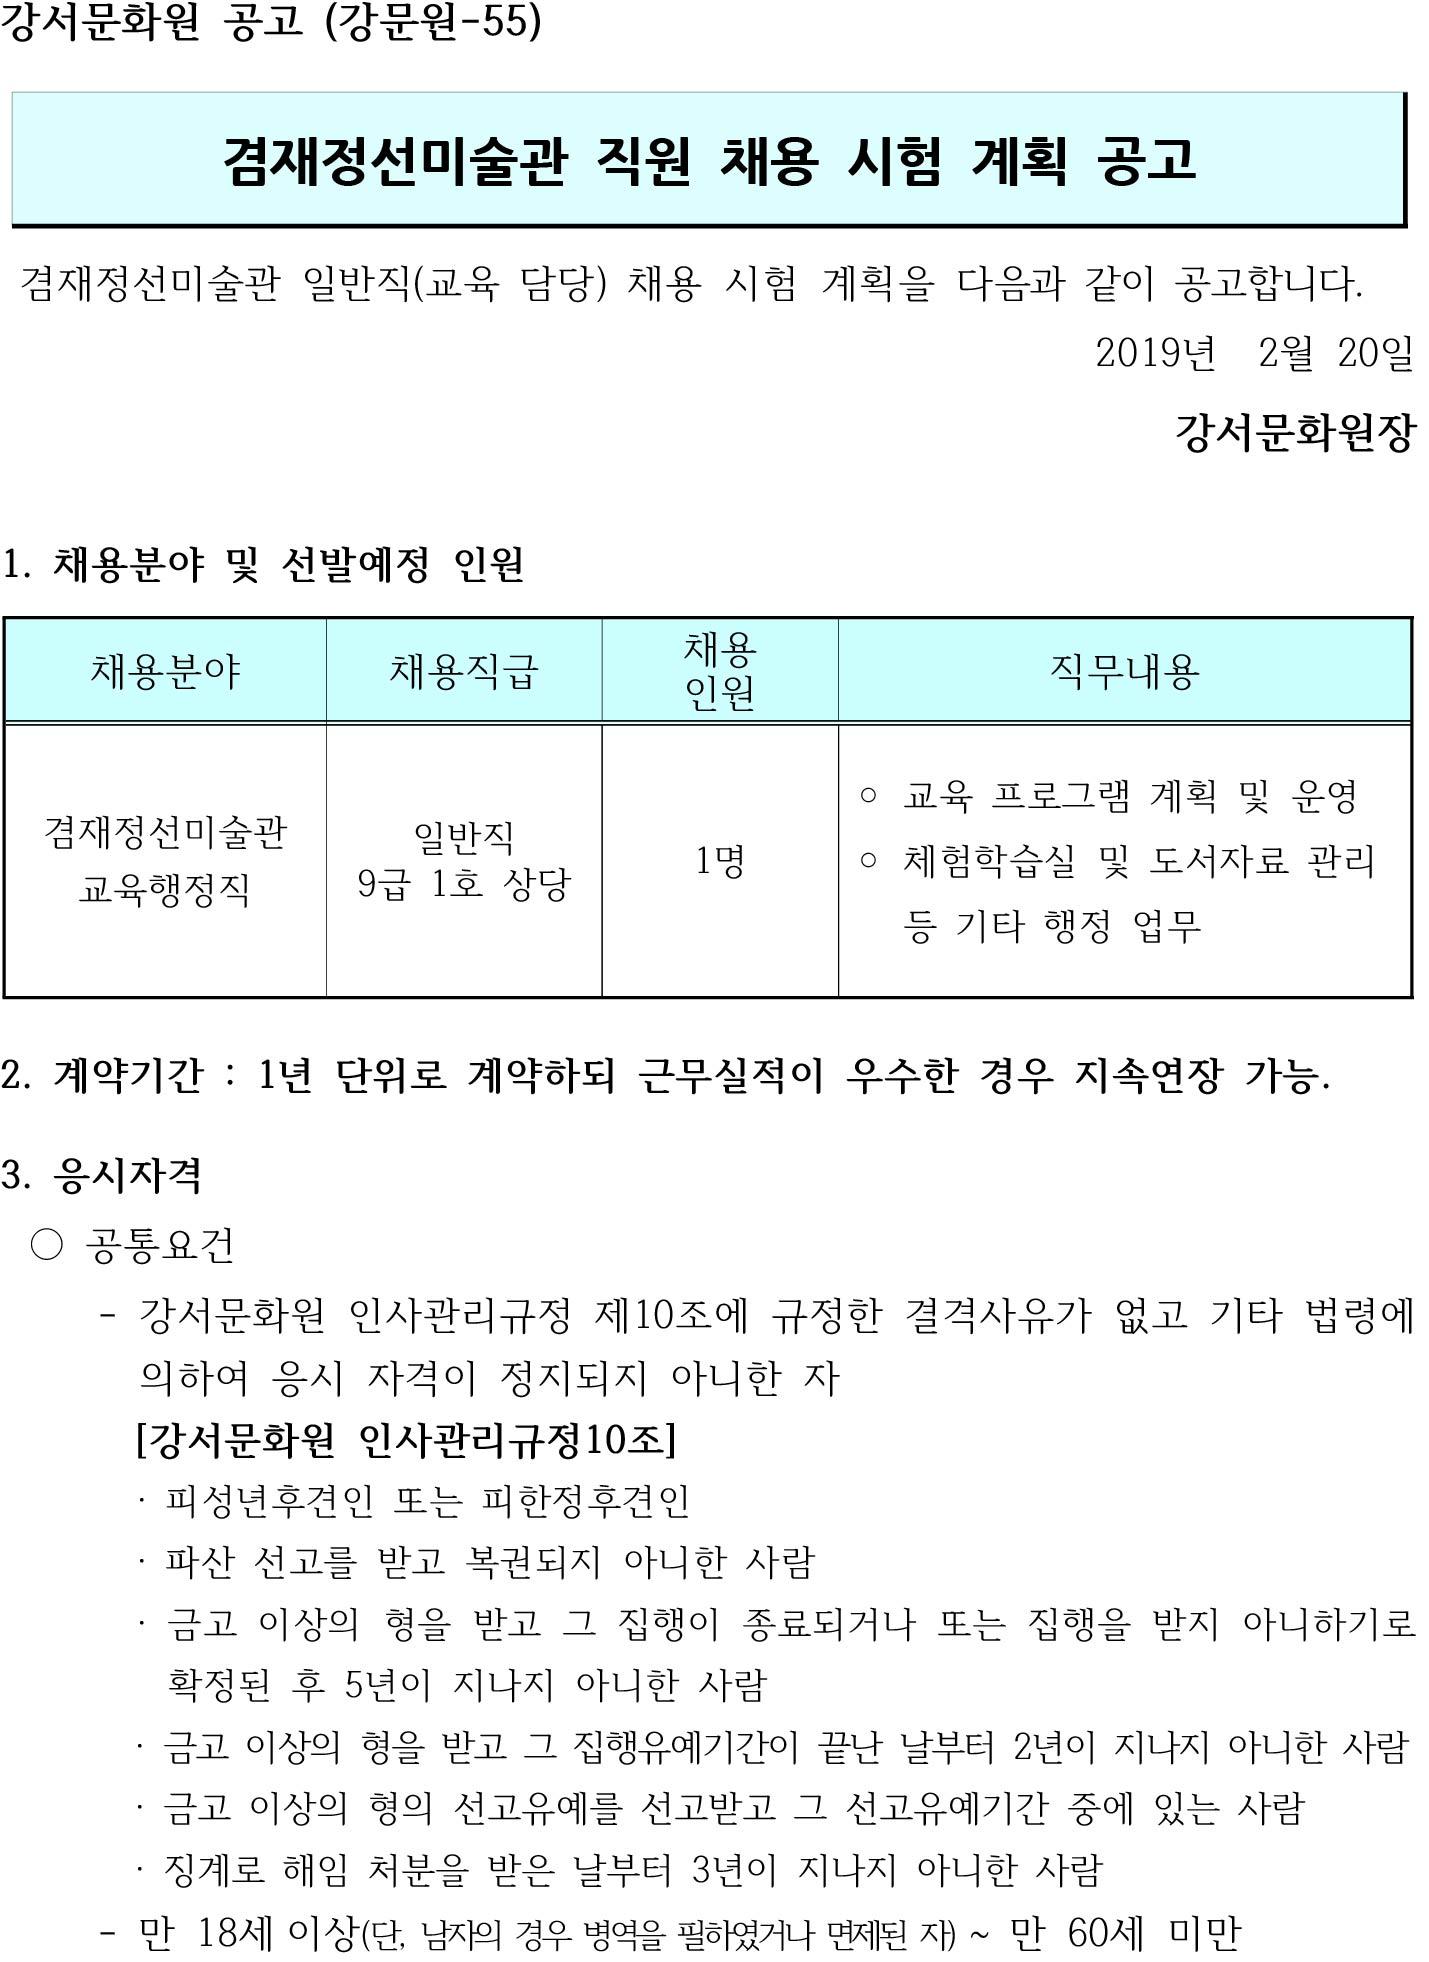 [채용] 겸재정선미술관 일반직 신규 채용 공고